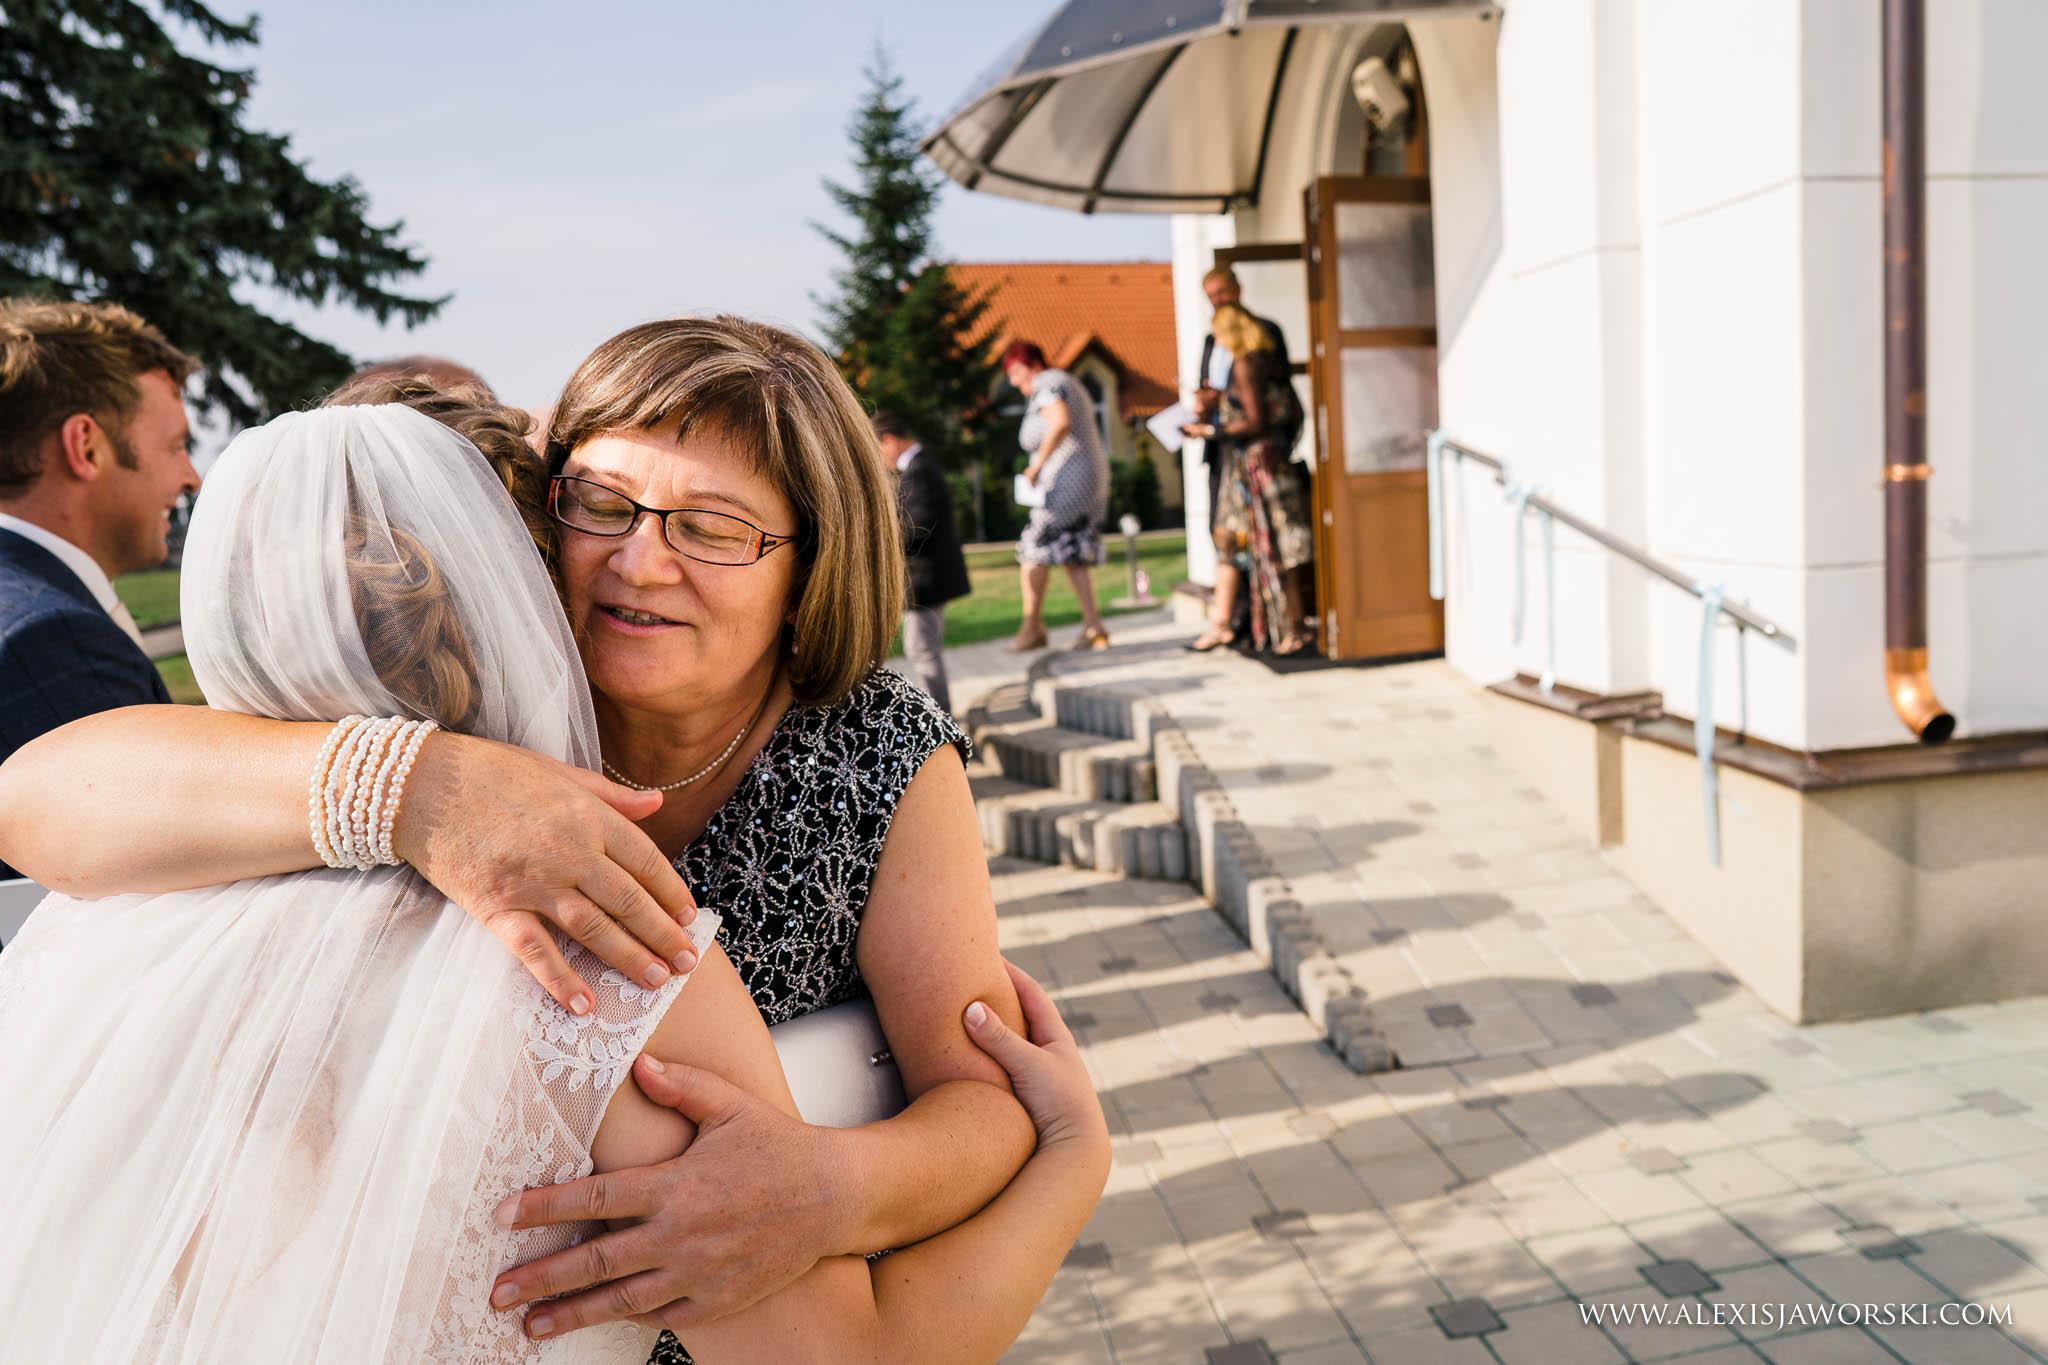 mum kissing daughter